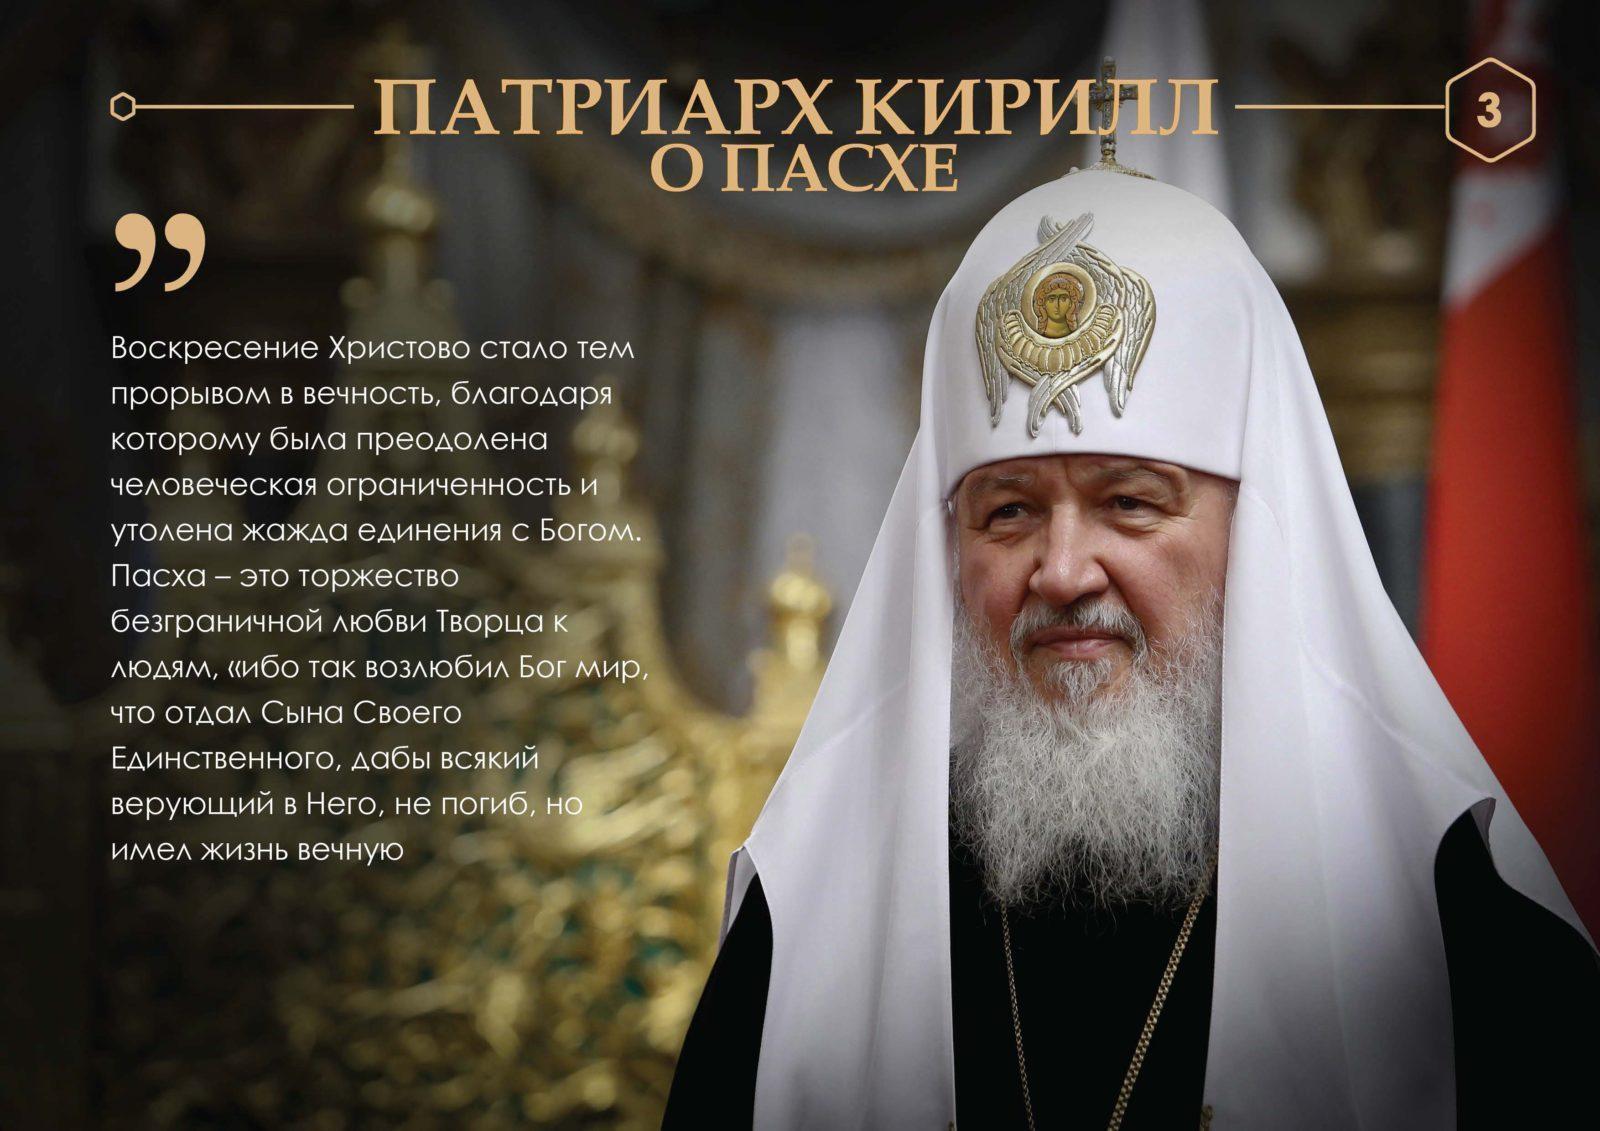 """Всемирная духовно-патриотичная акция """"Христос Воскресе"""" 8 апреля"""